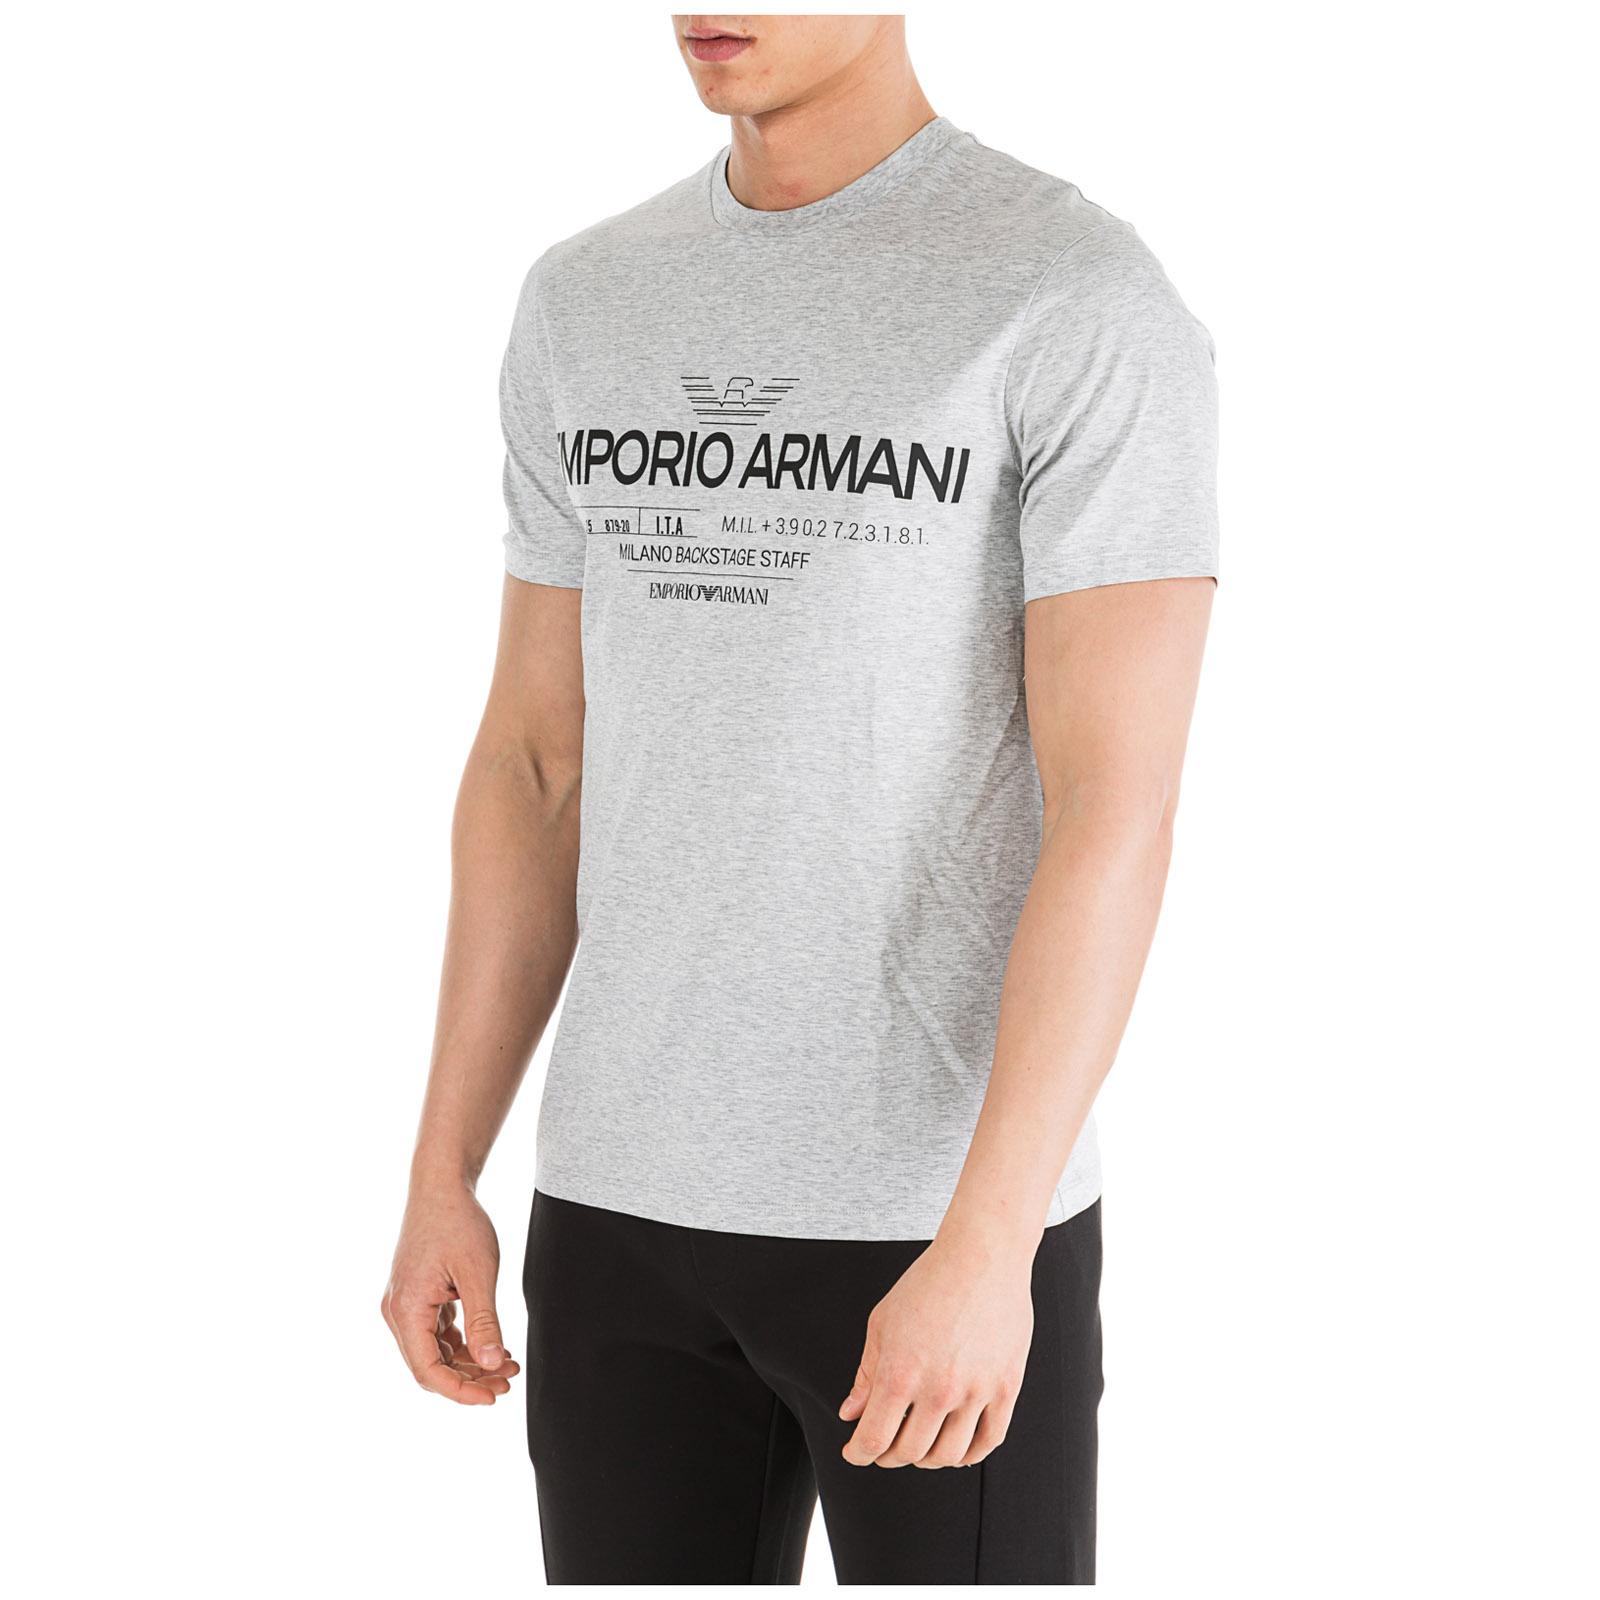 7f0d4f6433daa ... Herren t-shirt kurzarm kurzarmshirt runder kragen